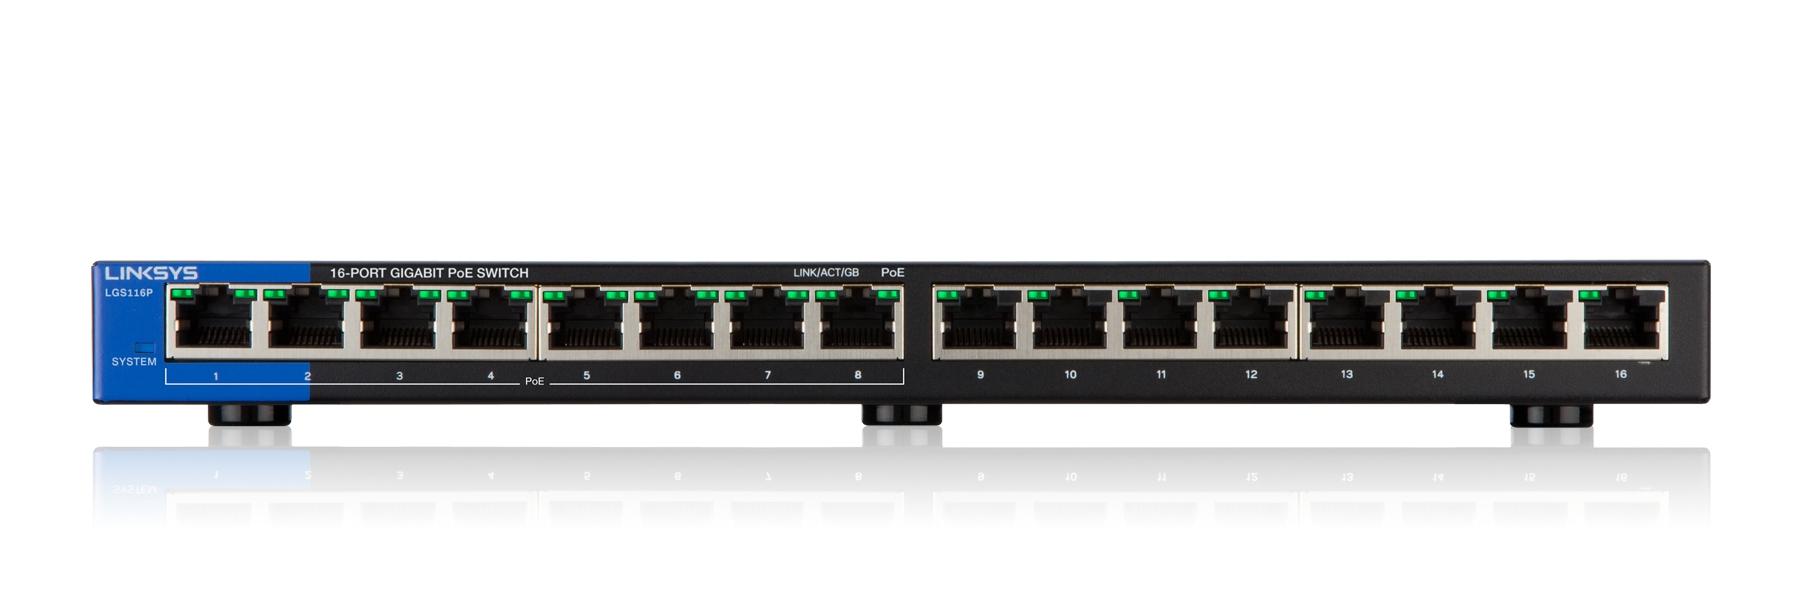 Linksys Conmutador PoE Gigabit de escritorio con 16 puertos (LGS116P)